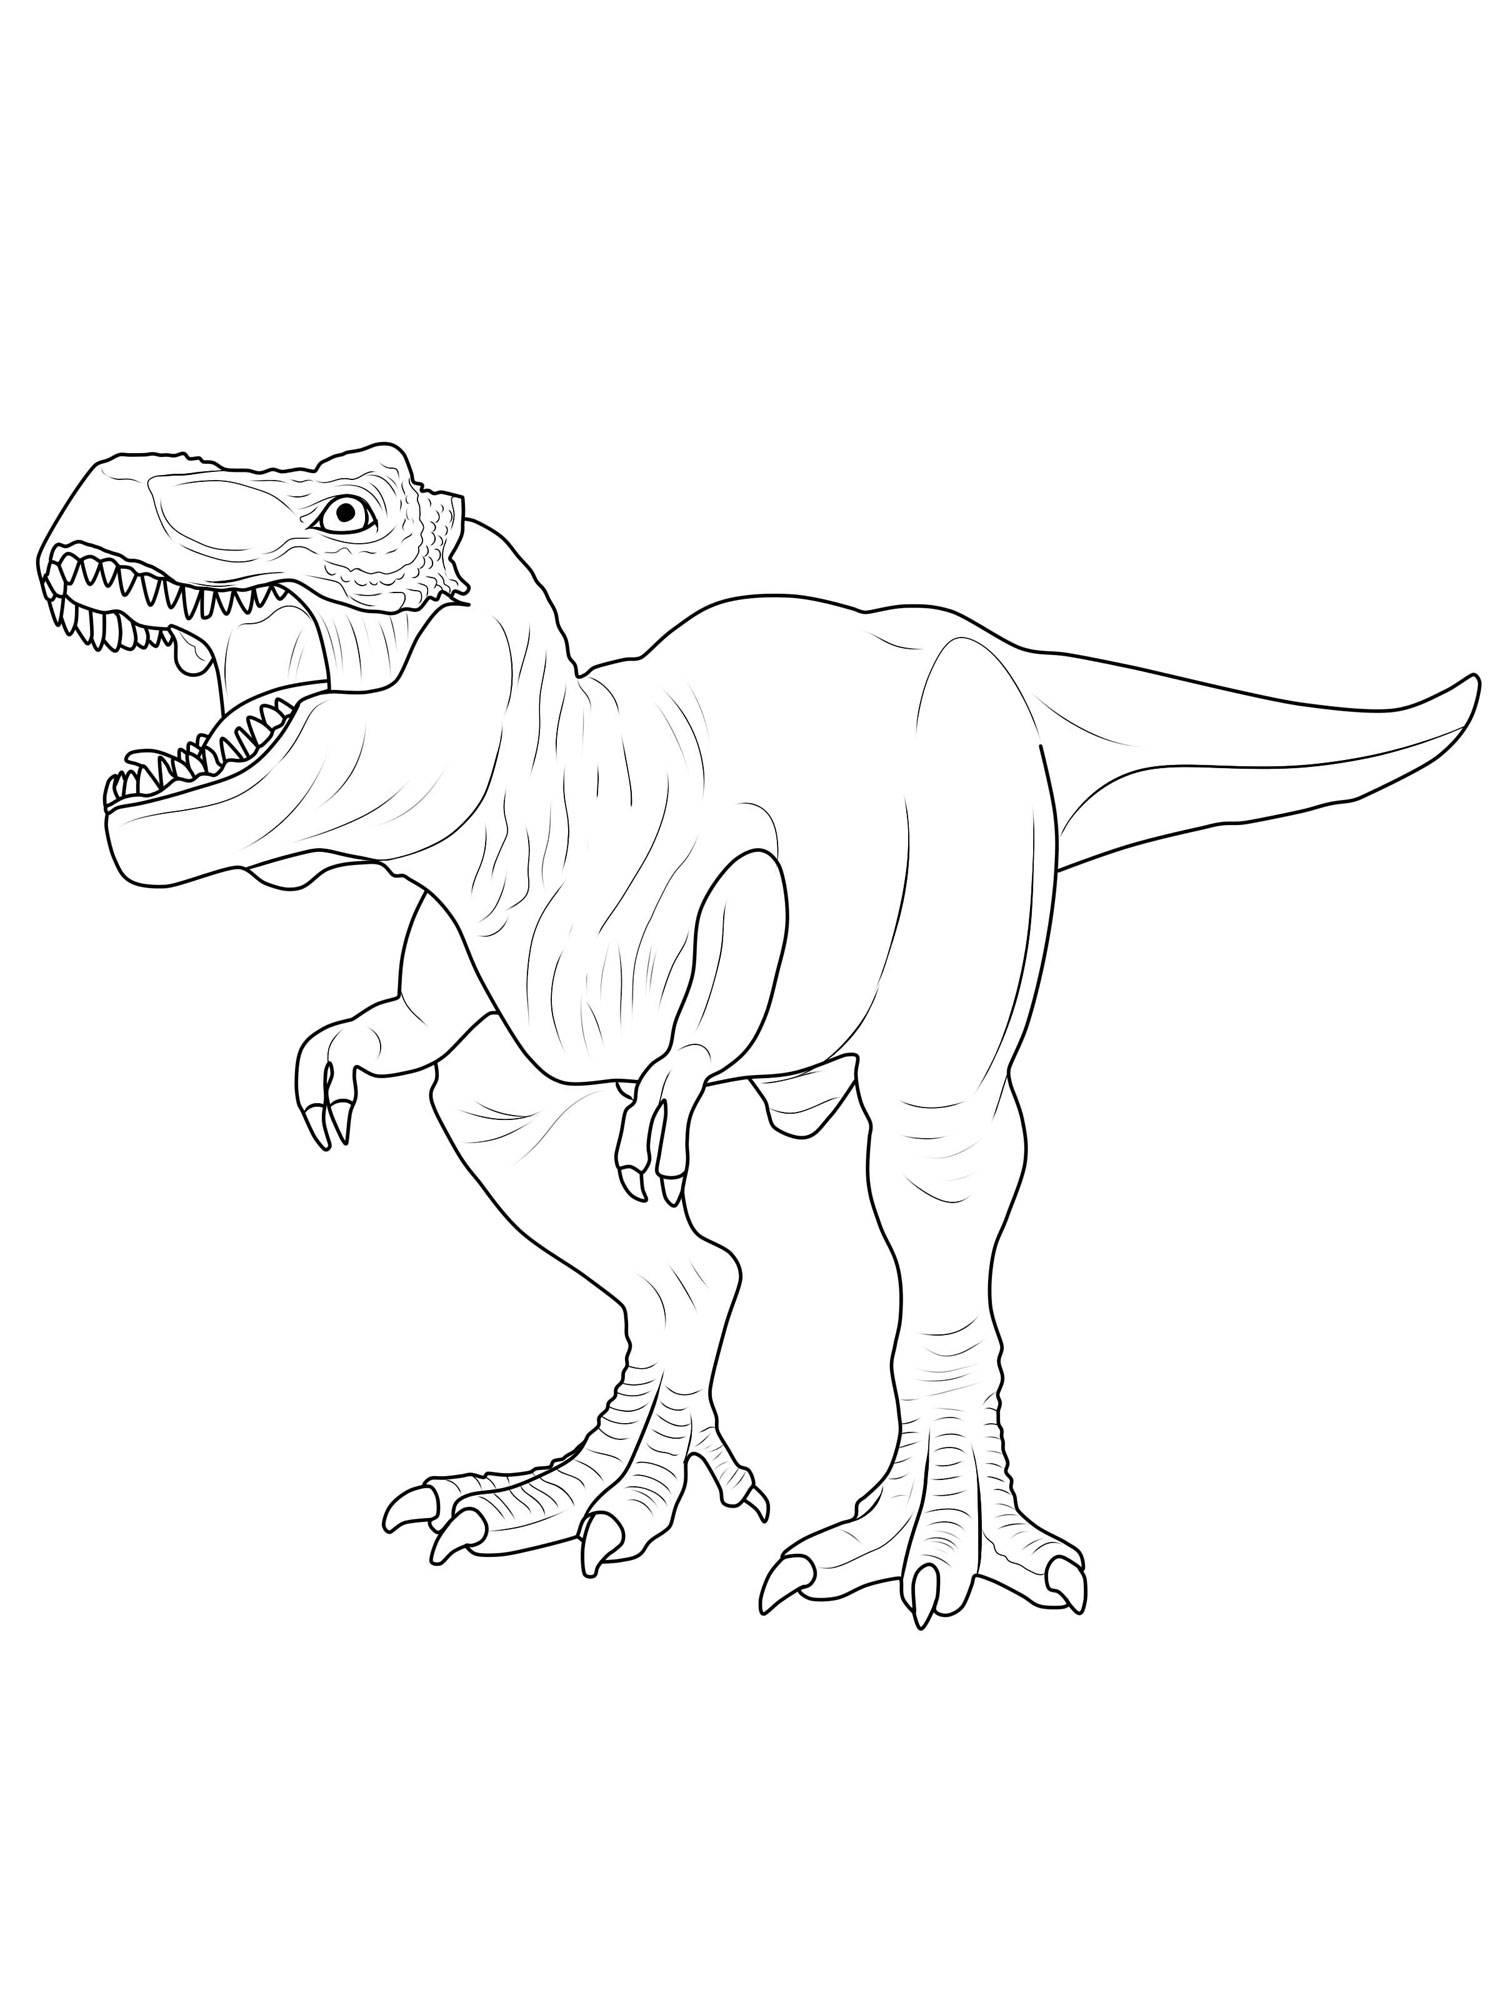 Ausmalbild Dinosaurier Und Steinzeit: Dinosaurier Ausmalen innen Ausmalbilder Kostenlos Dinosaurier